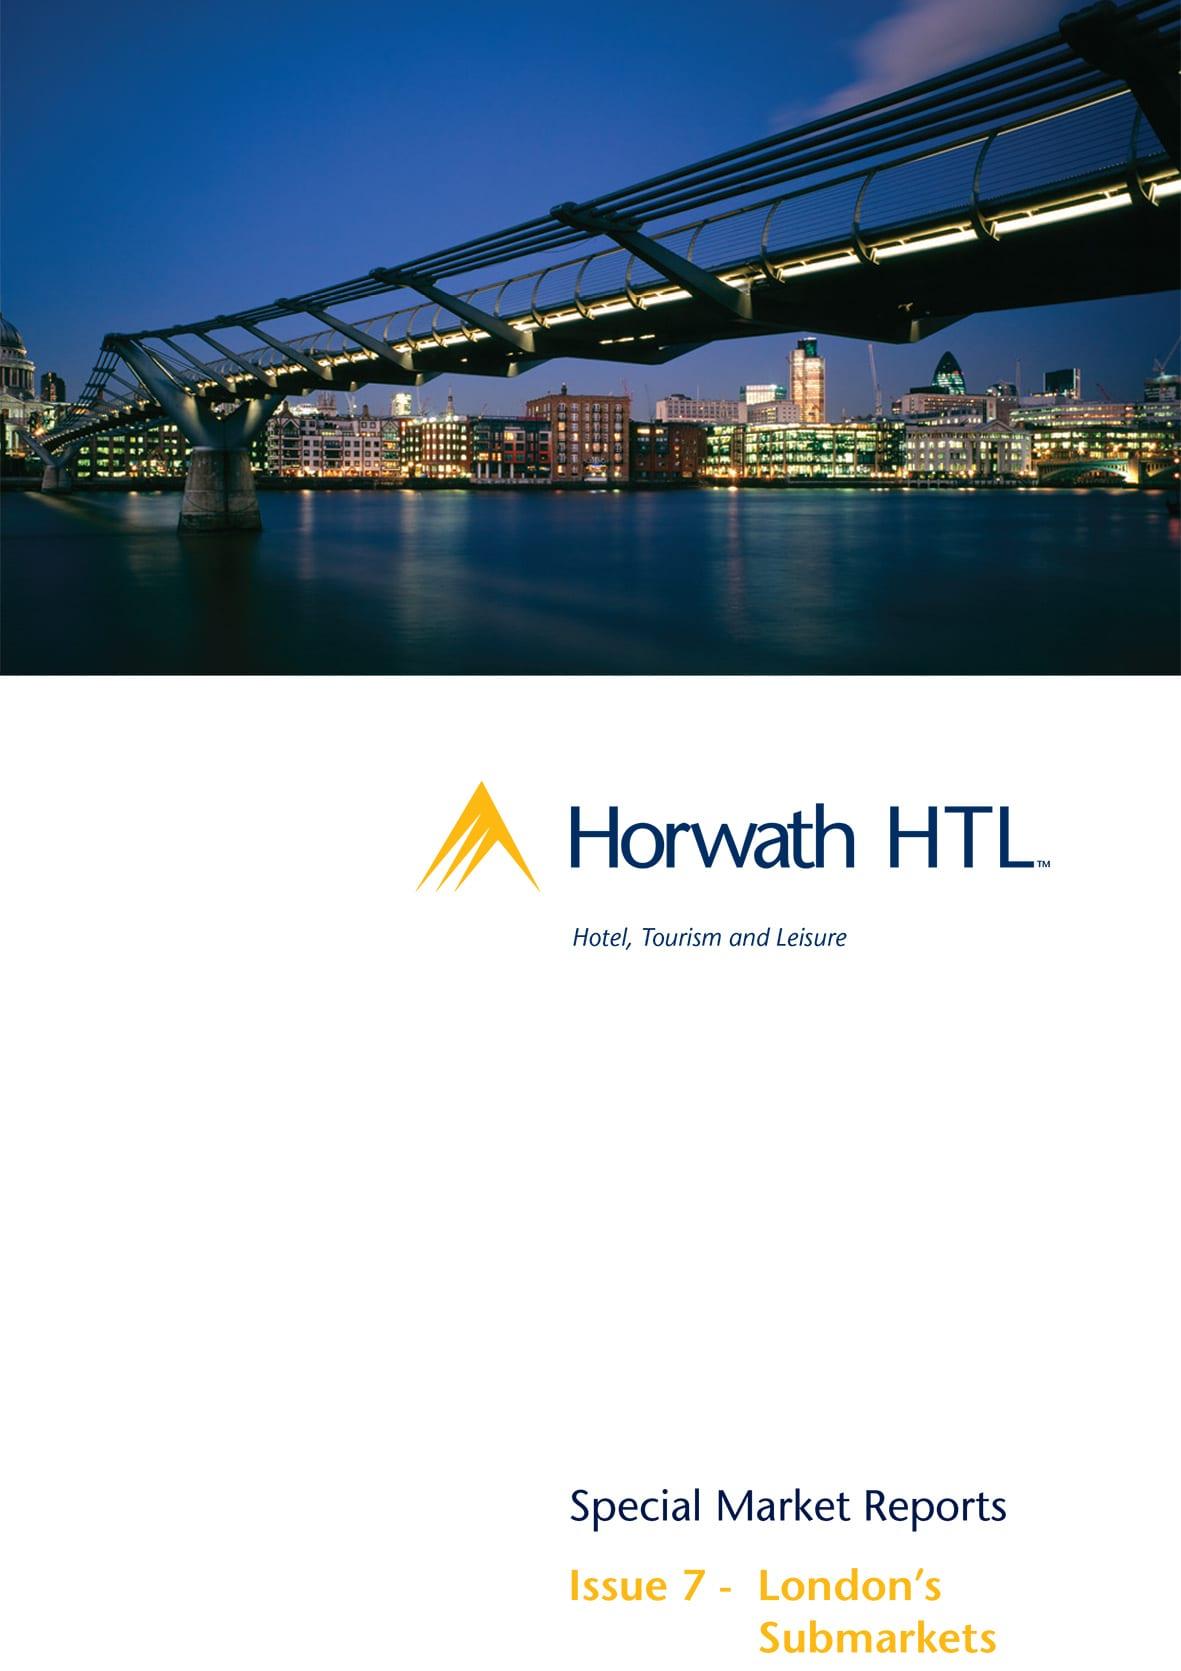 HorwathHTL LONDON Report 1 1